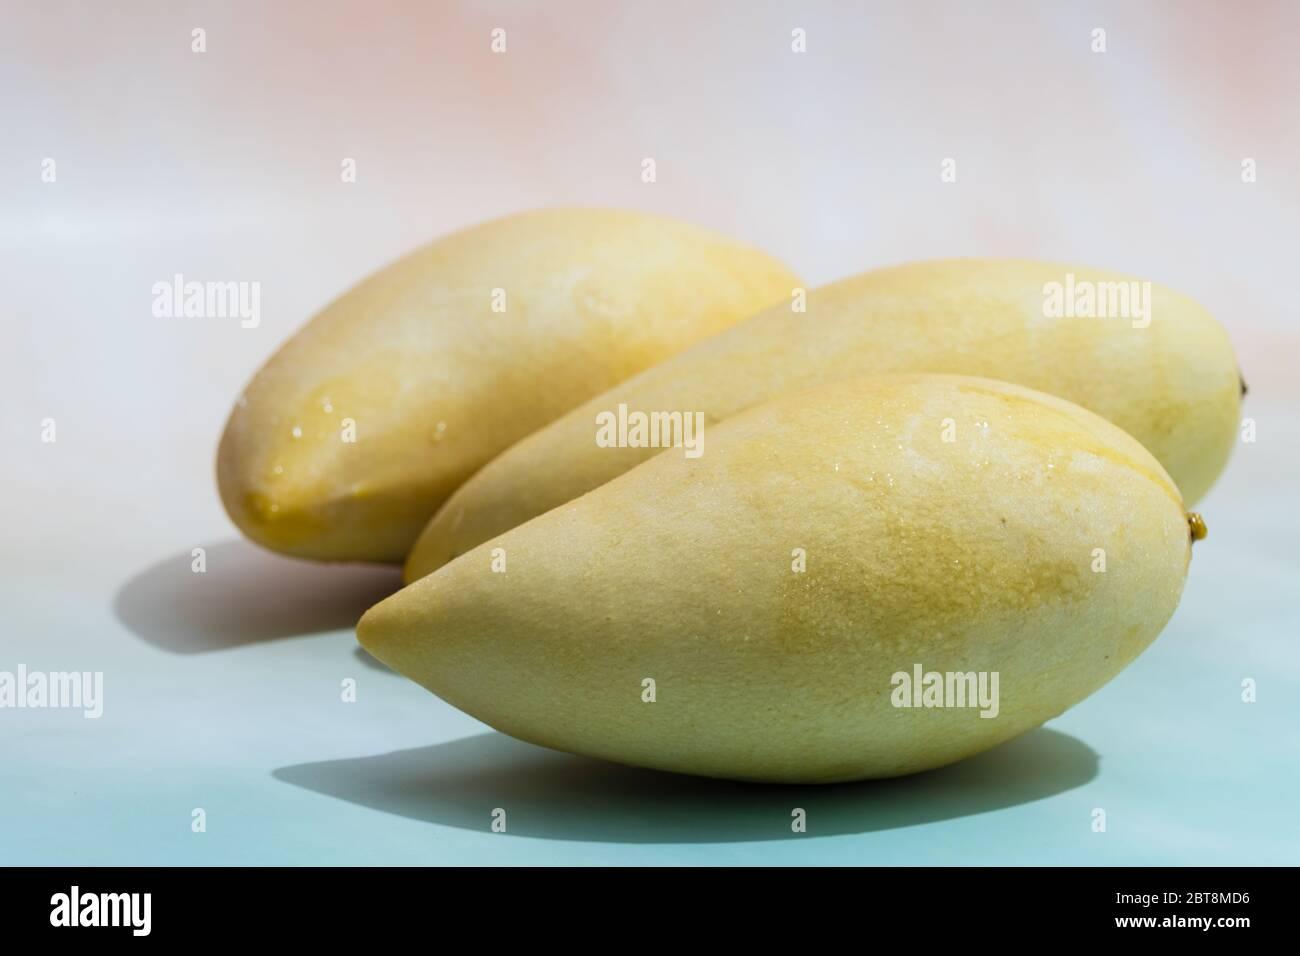 Fruits frais à la mangue sur fond bleu clair avec espace de copie Banque D'Images